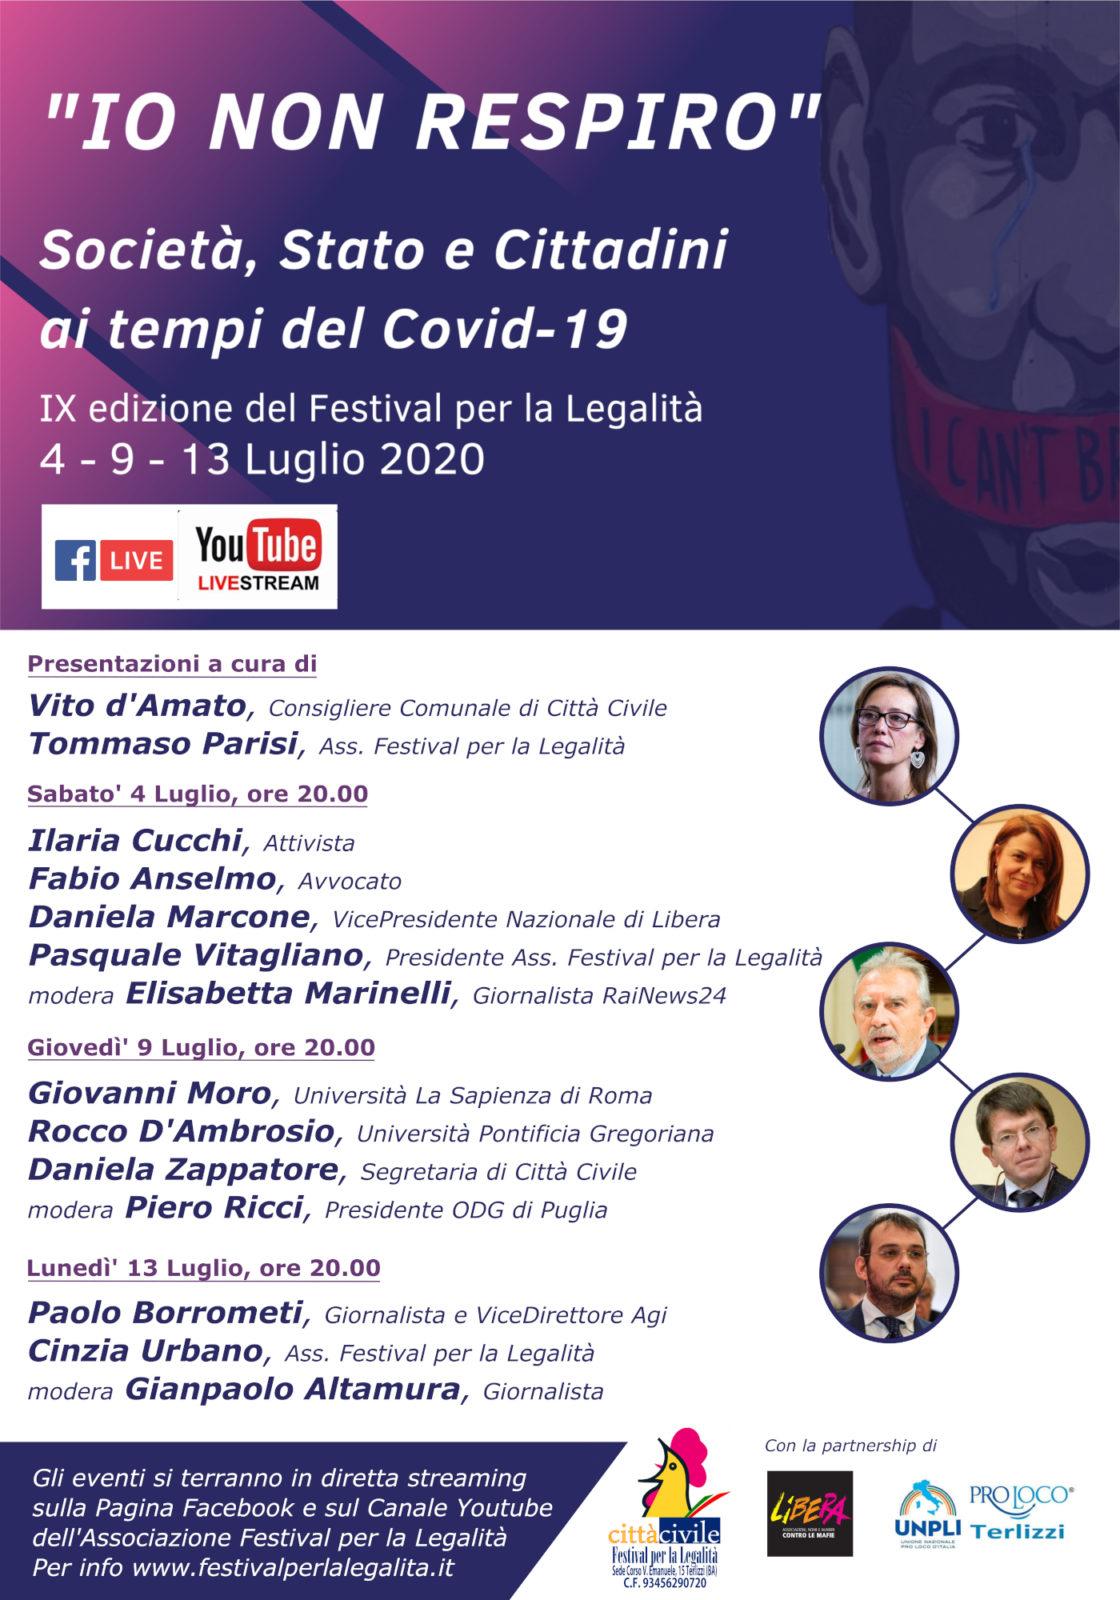 Locandina Io non respiro Società Stato e Cittadini ai tempi del Covid-19 - Festival per la Legalità Terlizzi 2020